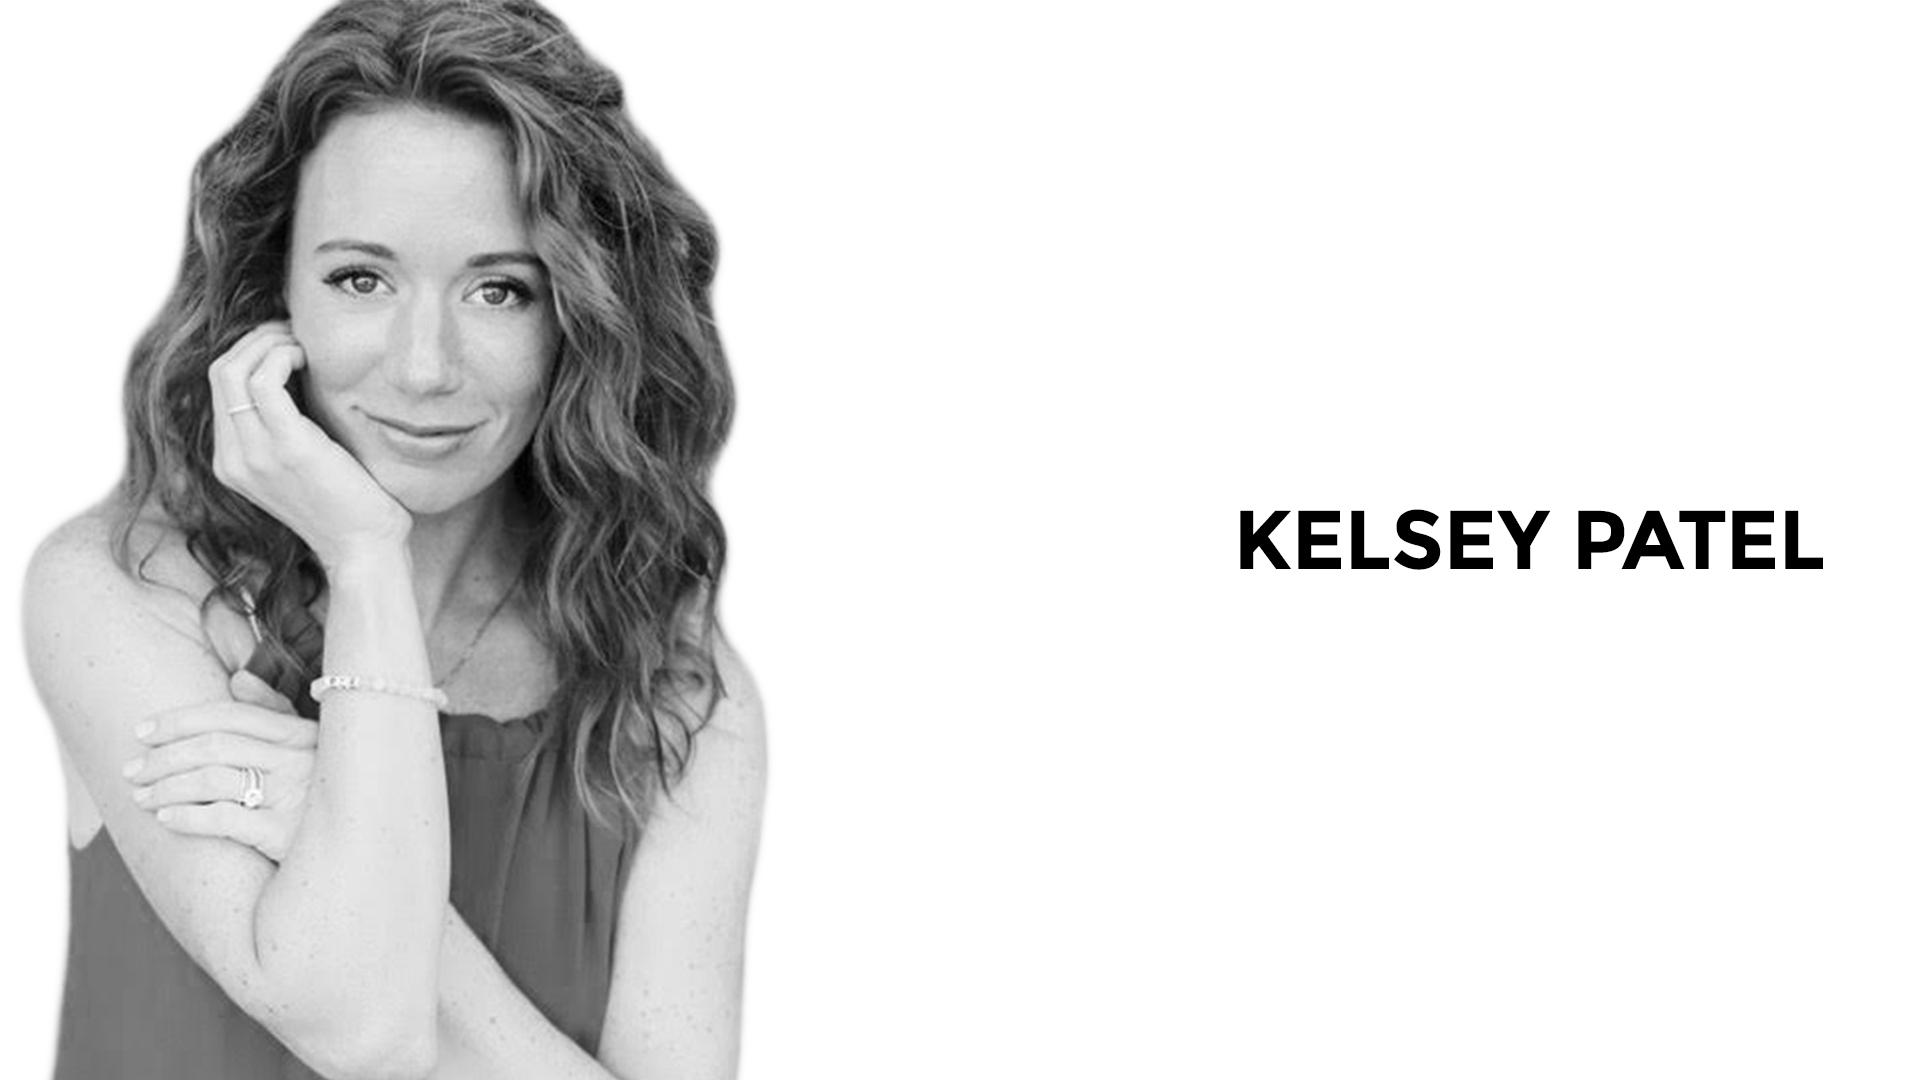 KELSEY-PATEL.jpg